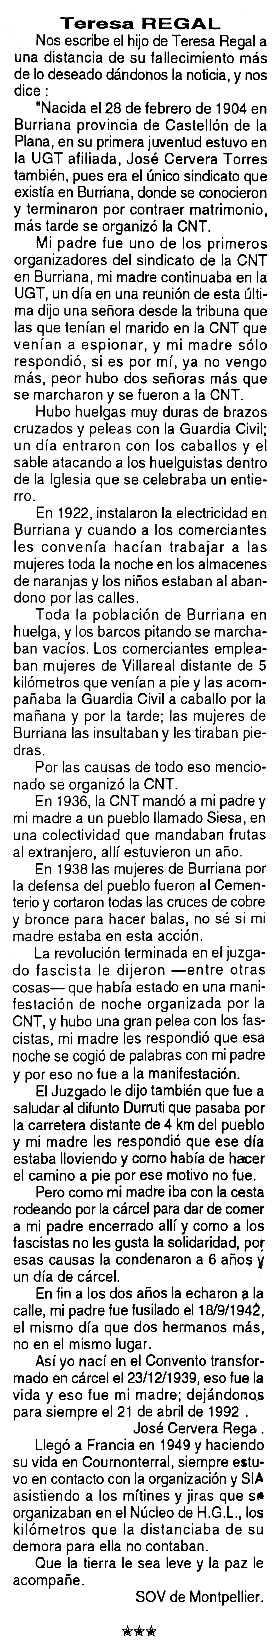 """Necrològica de Teresa Regal Bodí apareguda en el periòdic tolosà """"Cenit"""" del 15 de febrer de 1994"""